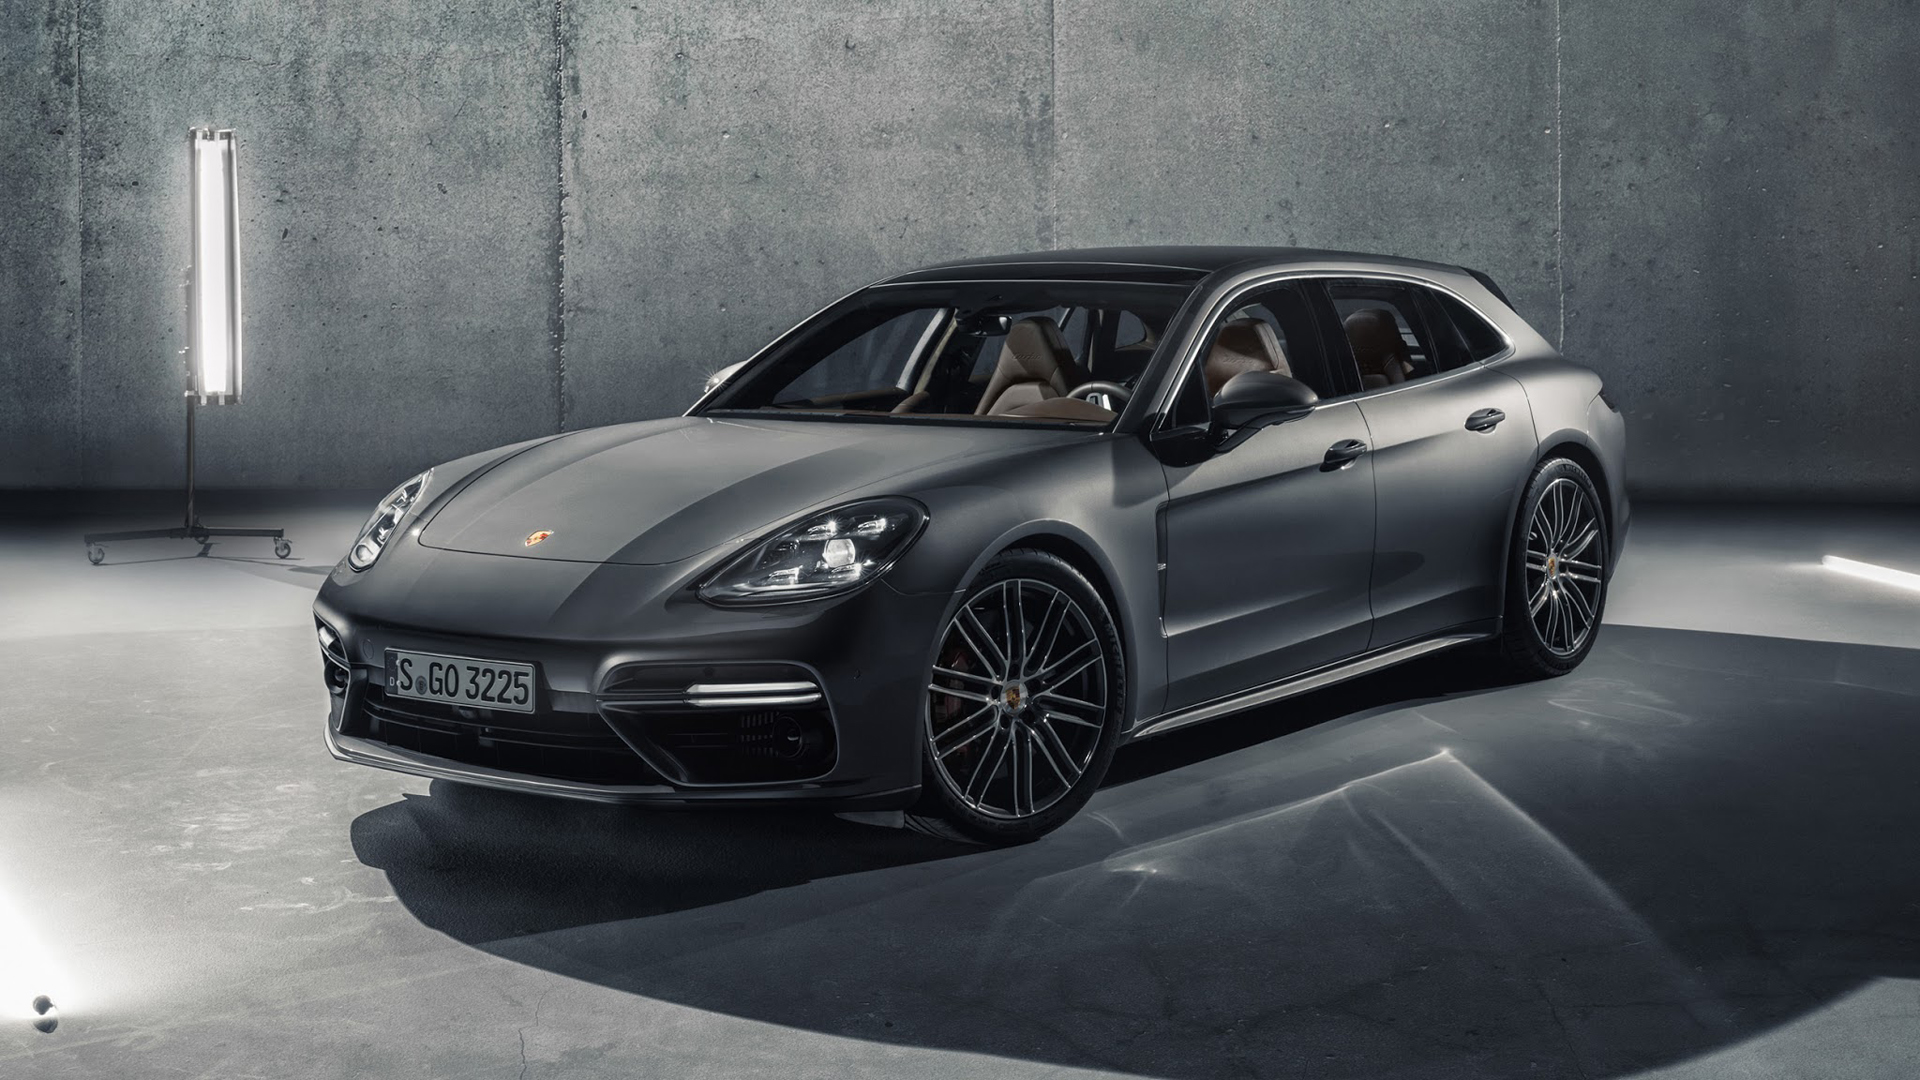 El Porsche Panamera Sport Turismo se presentó por primera vez en el Salón de Ginebra de 2017